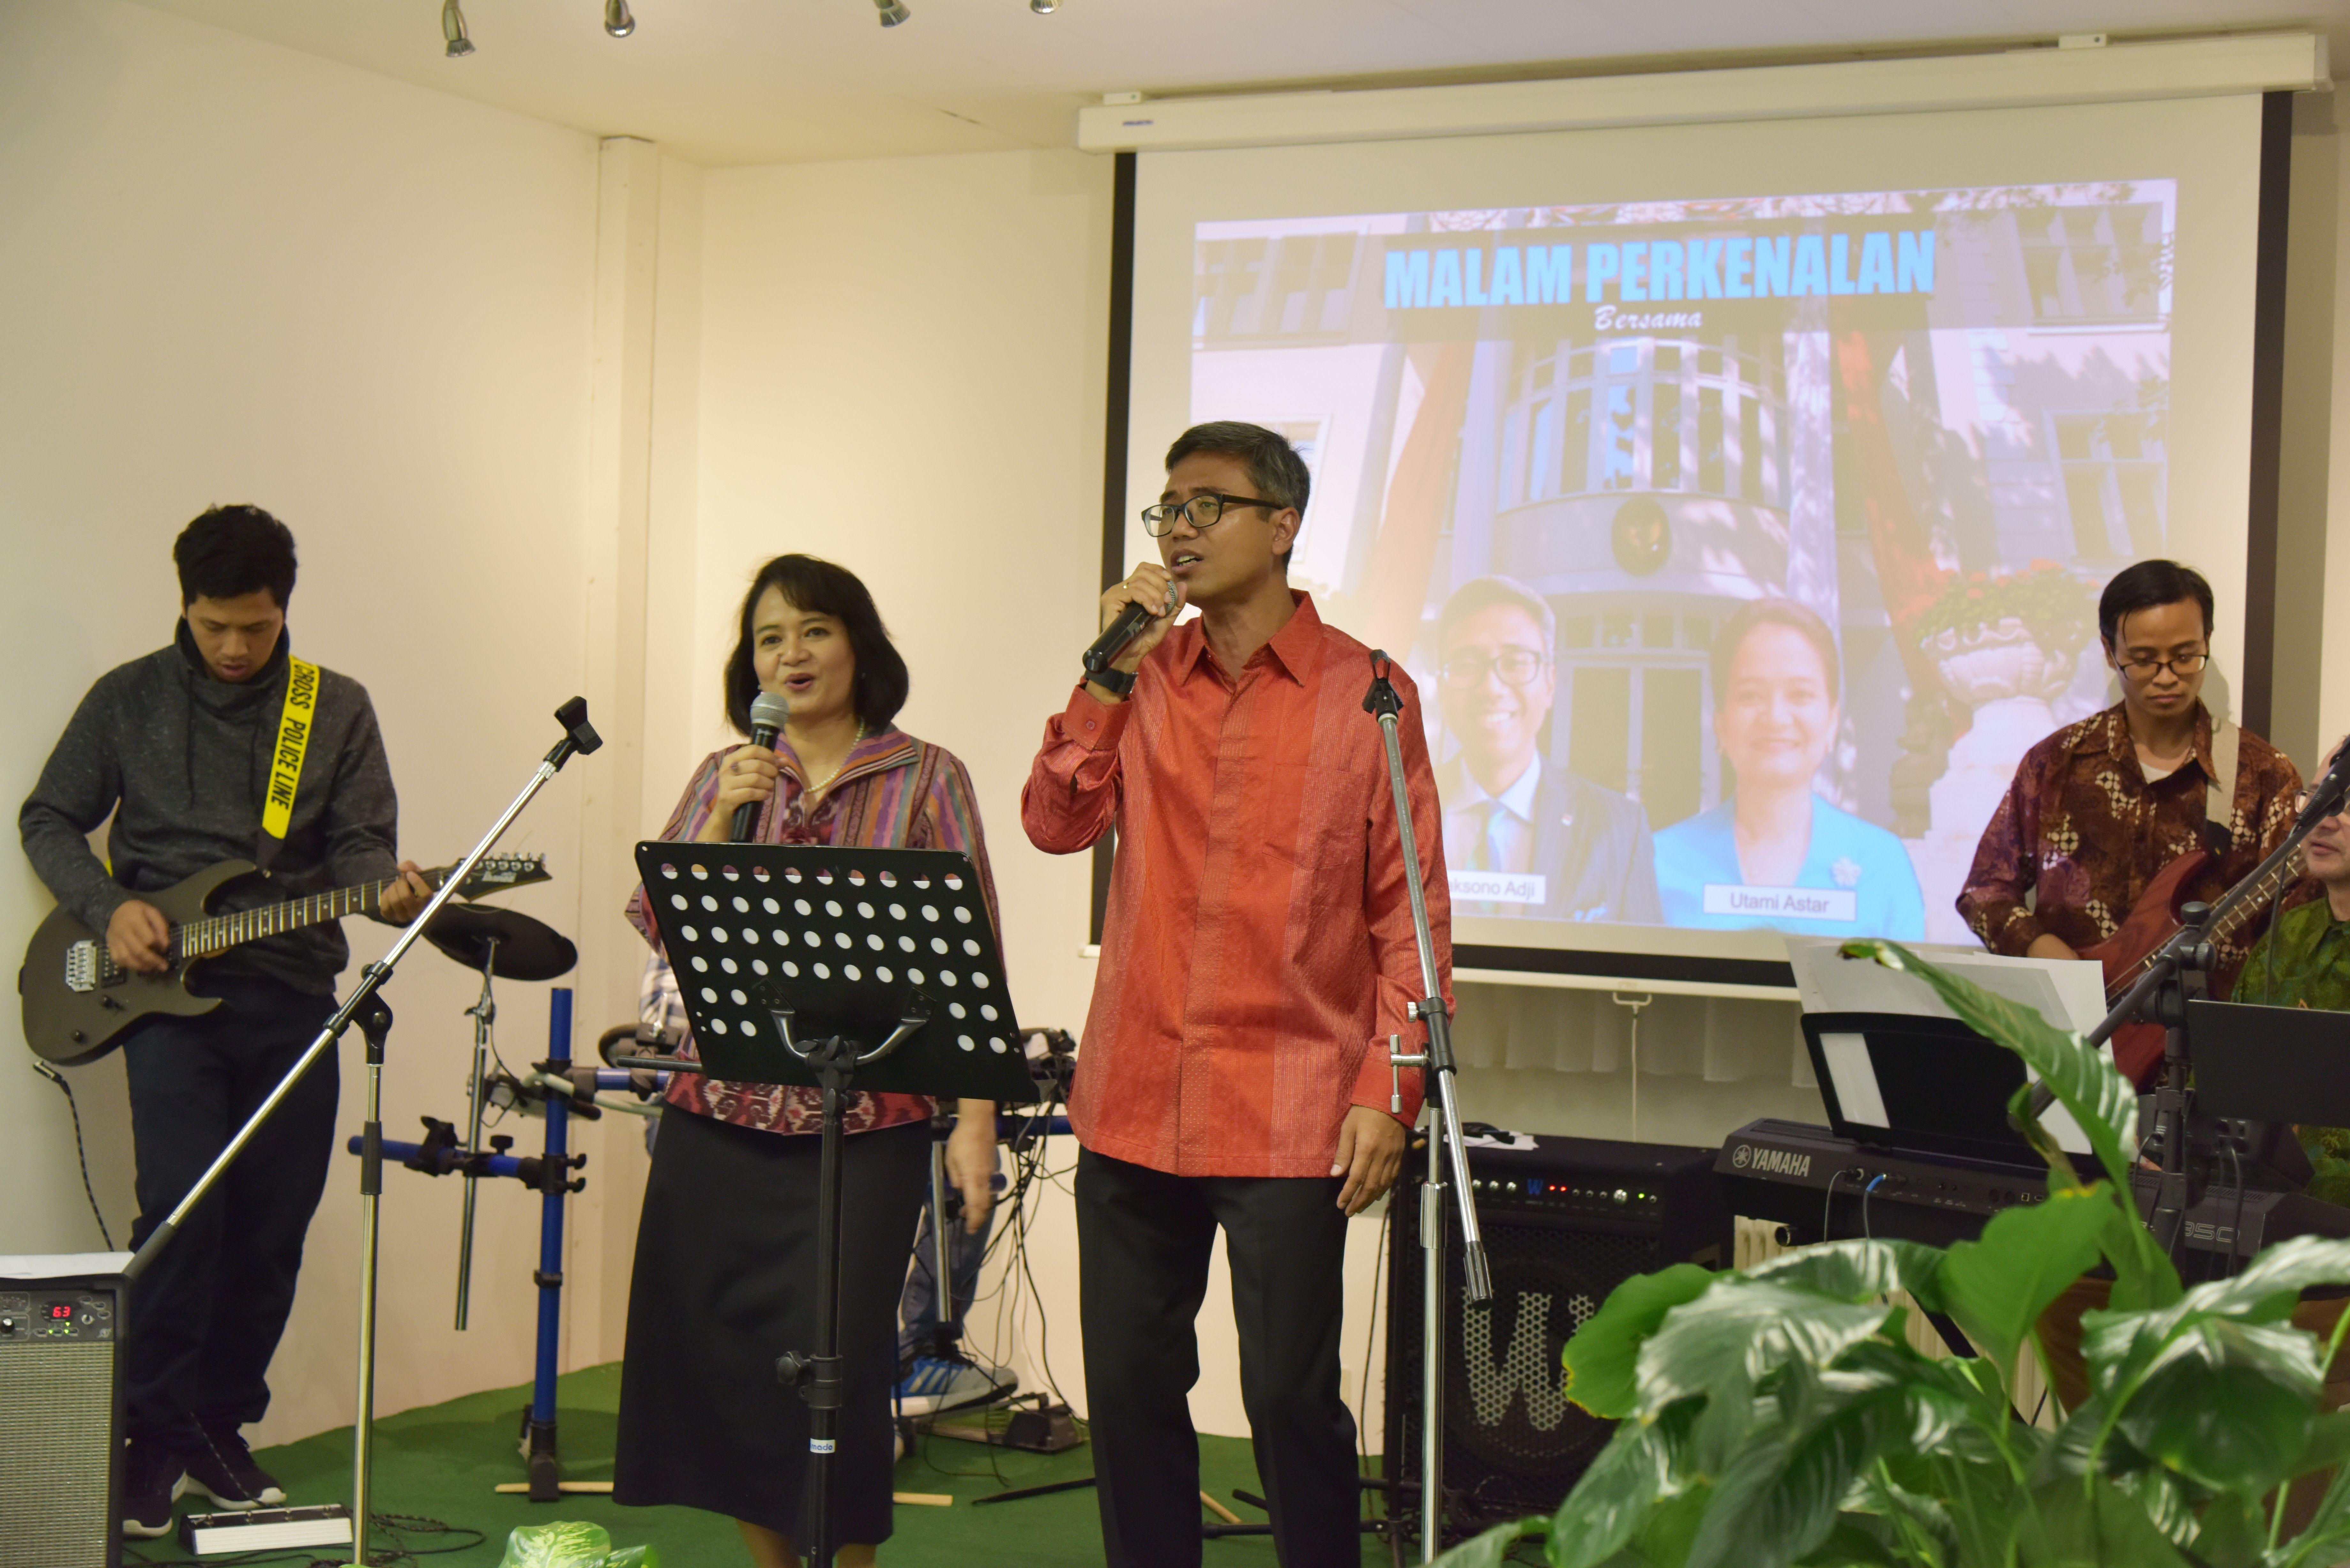 25 03 2018 Acara Silaturahmi dan Malam Perkenalan Bapak Witjaksono Adji